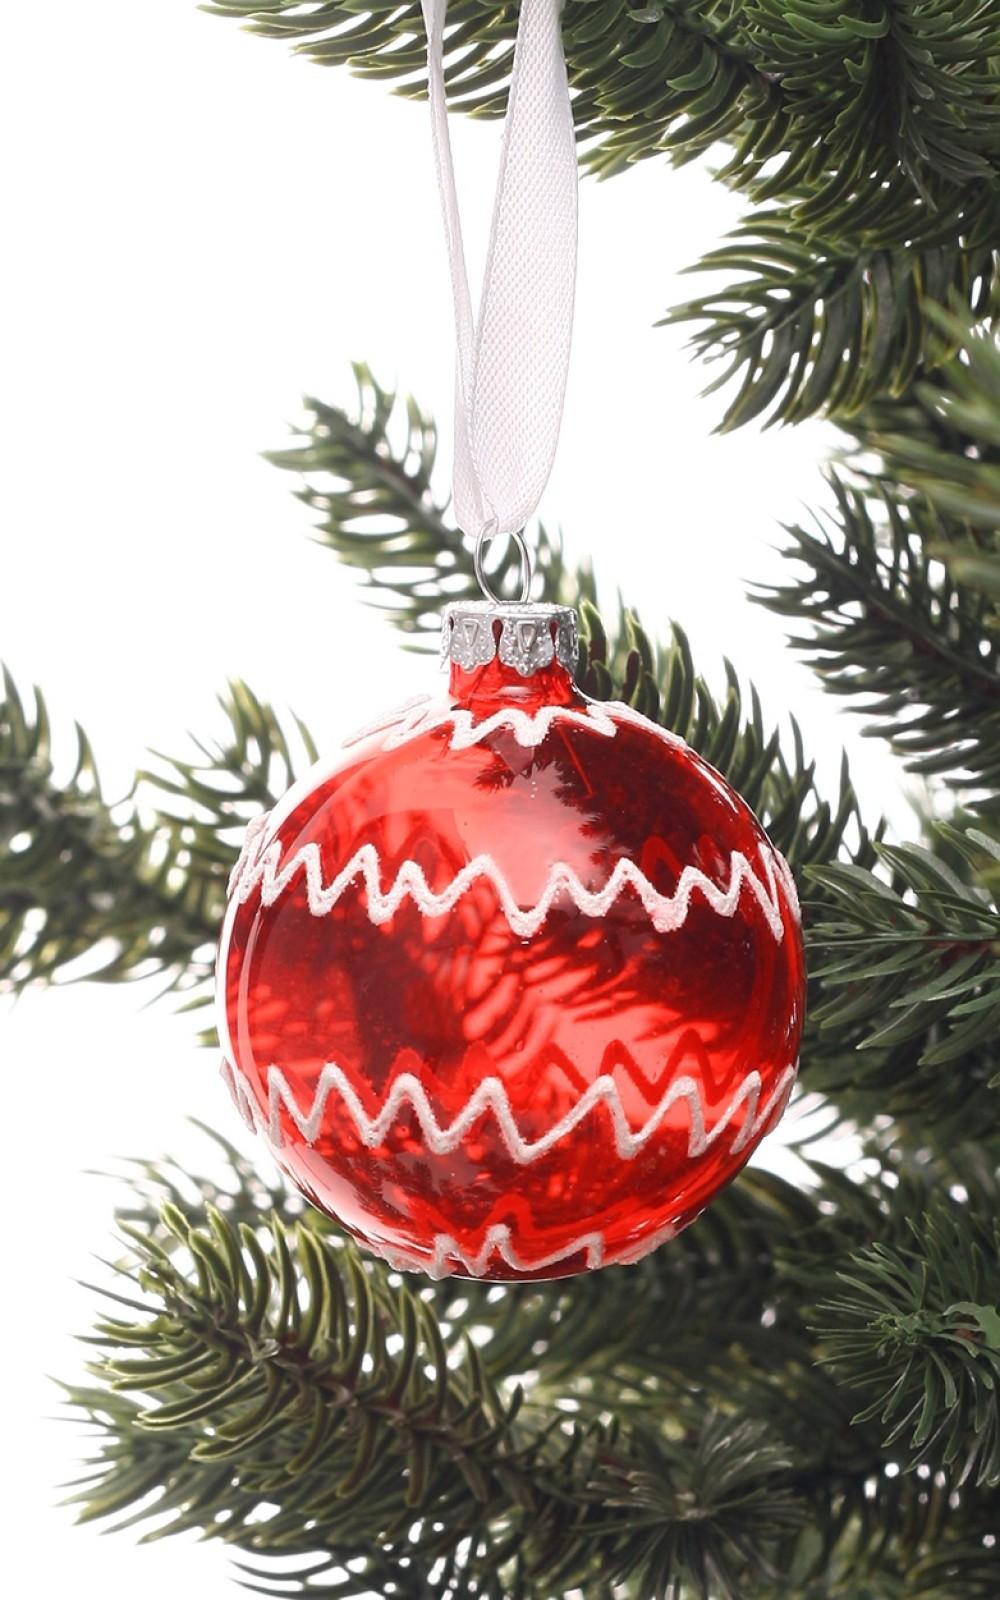 Karácsonyfadísz-piros üveggömb